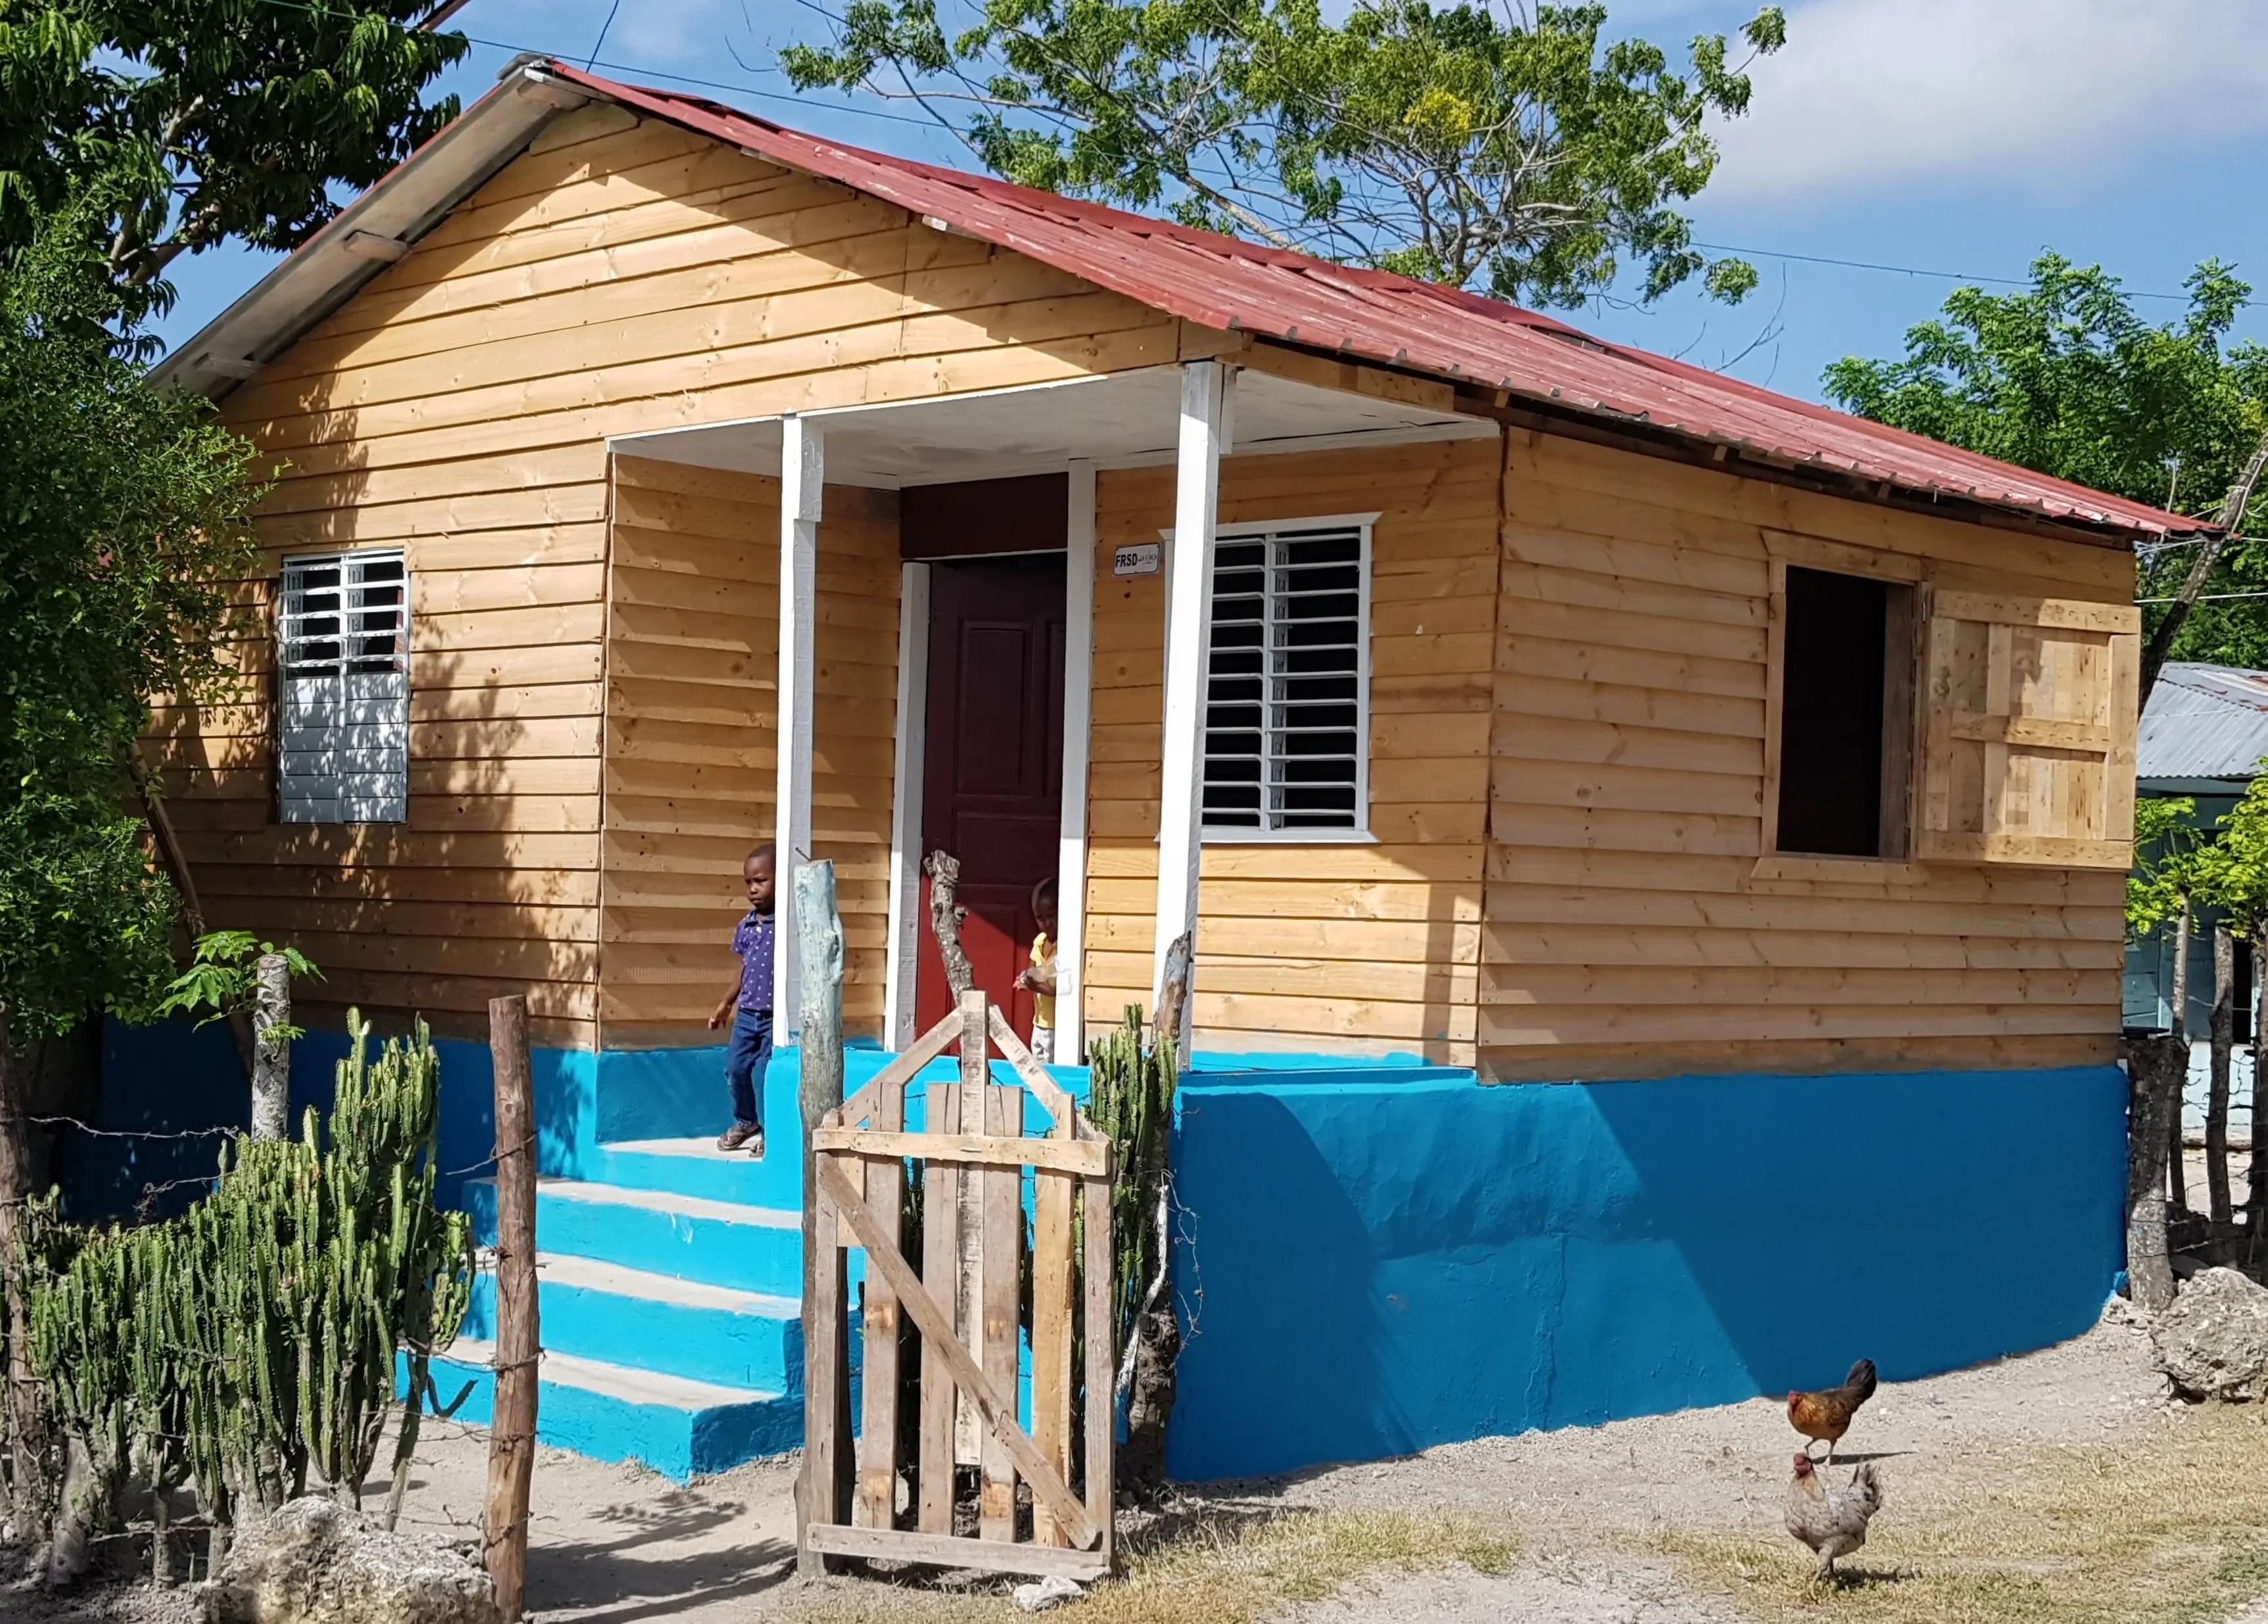 Finca Unidad dona dos viviendas mejoradas a mujeres de escasos recursos